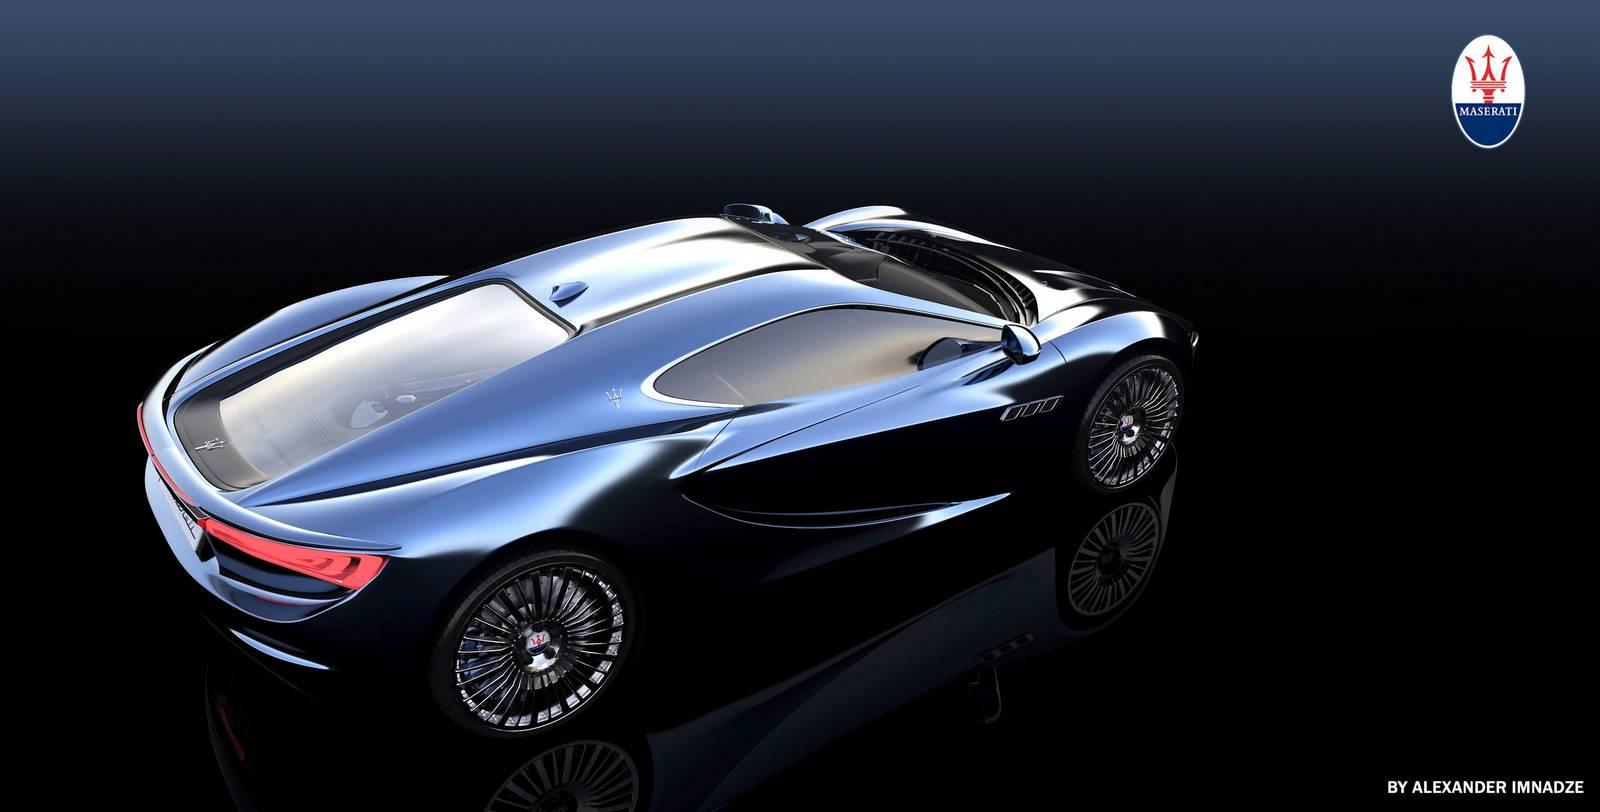 Render: 2013 Maserati Bora Concept